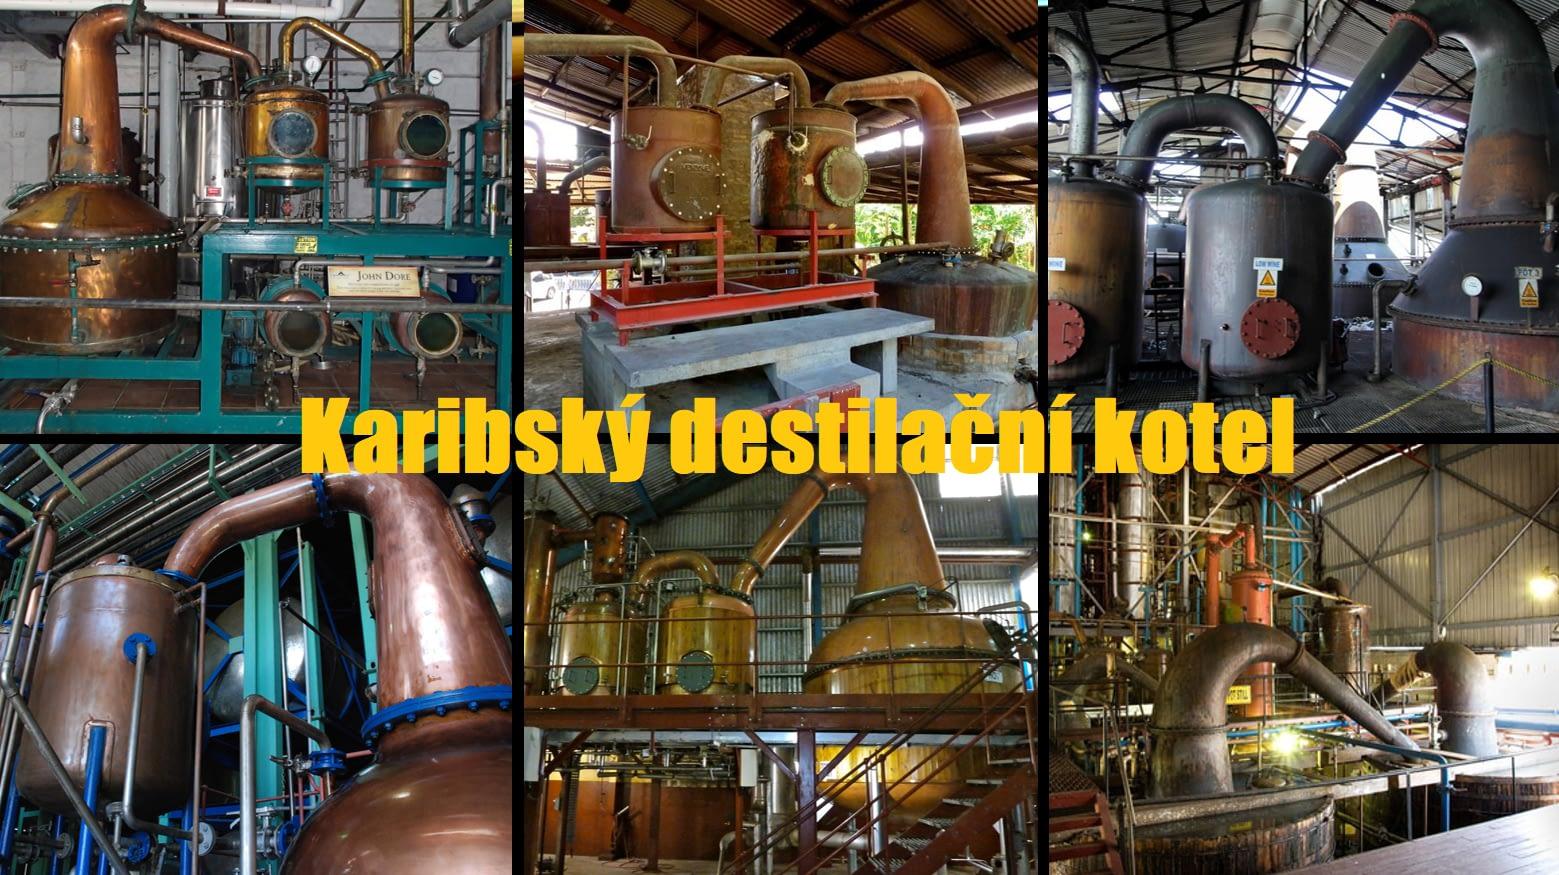 karibsky destilacni kotel